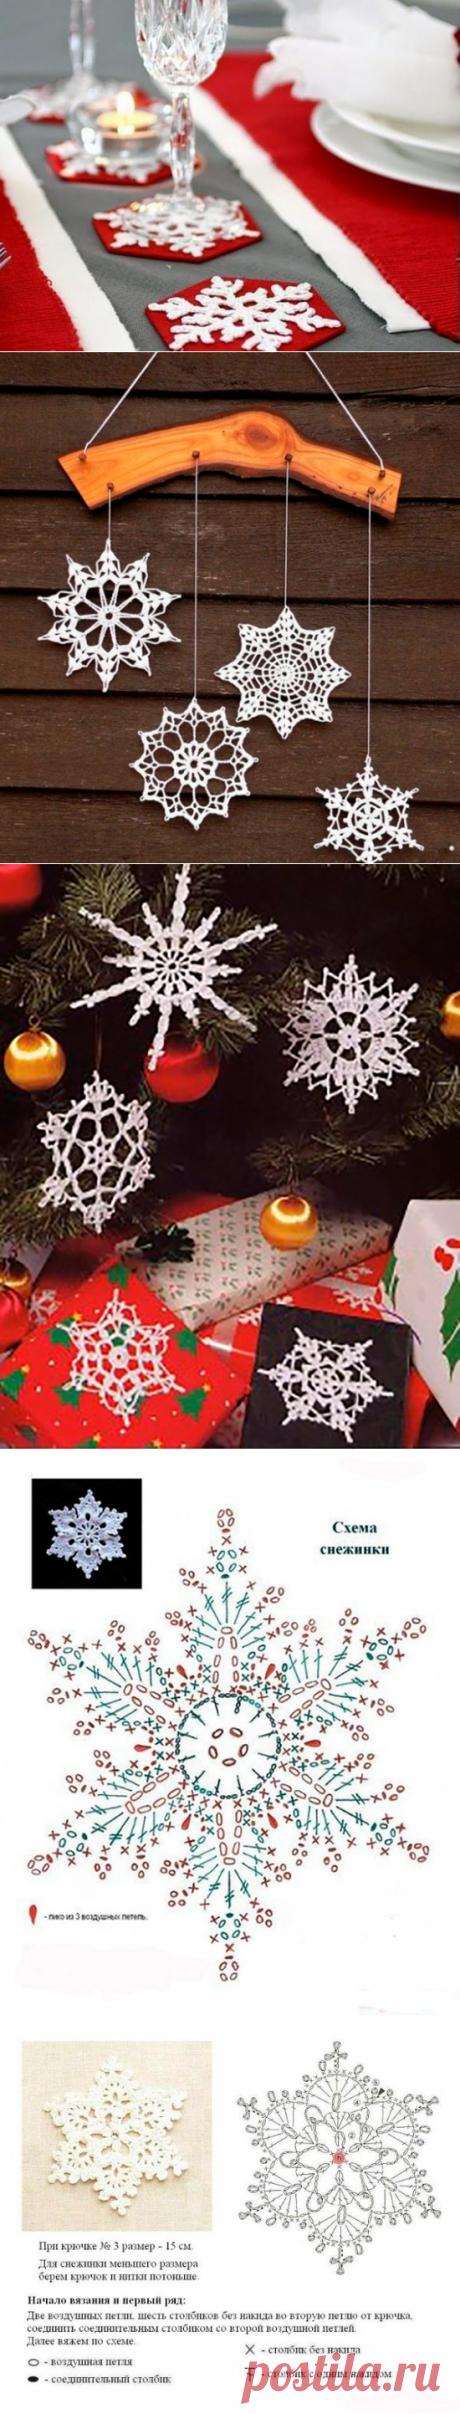 Adornamos la casa con los copos de nieve de Año Nuevo: 58 variantes de la labor de punto por el gancho